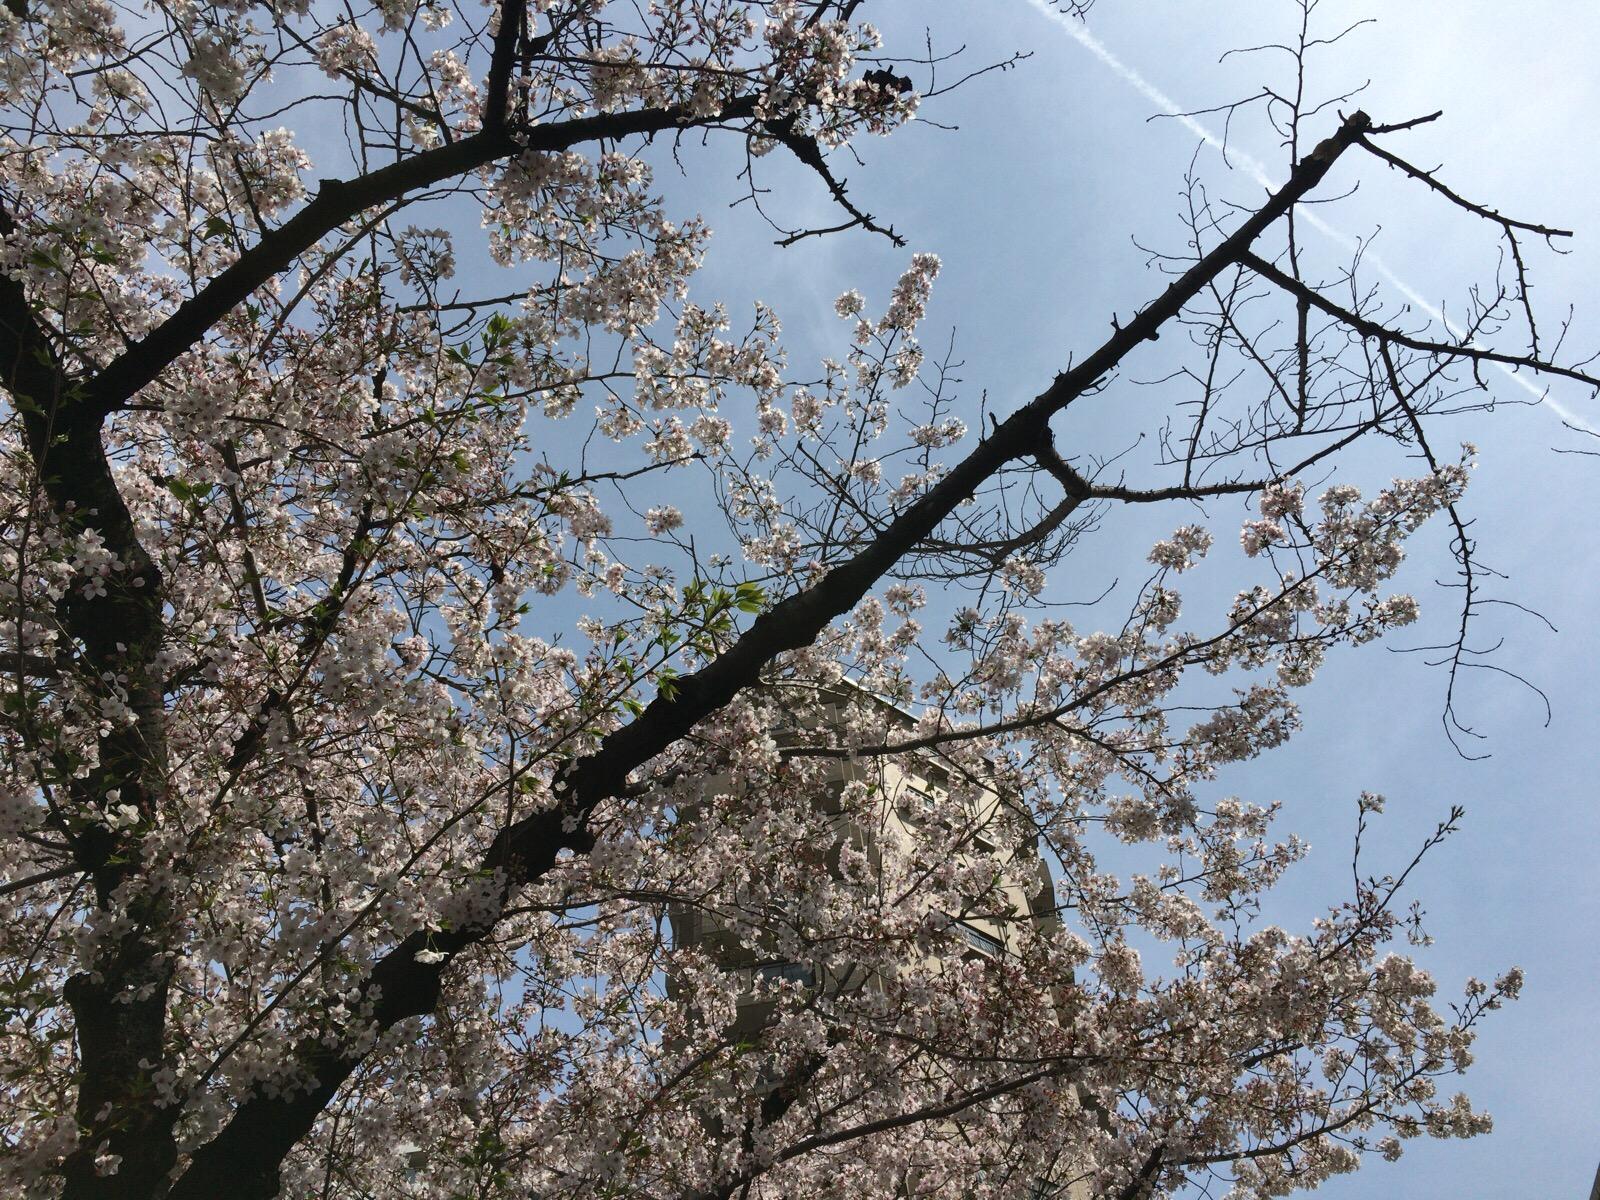 鶴舞公園桜祭りを終えて今思うこと!